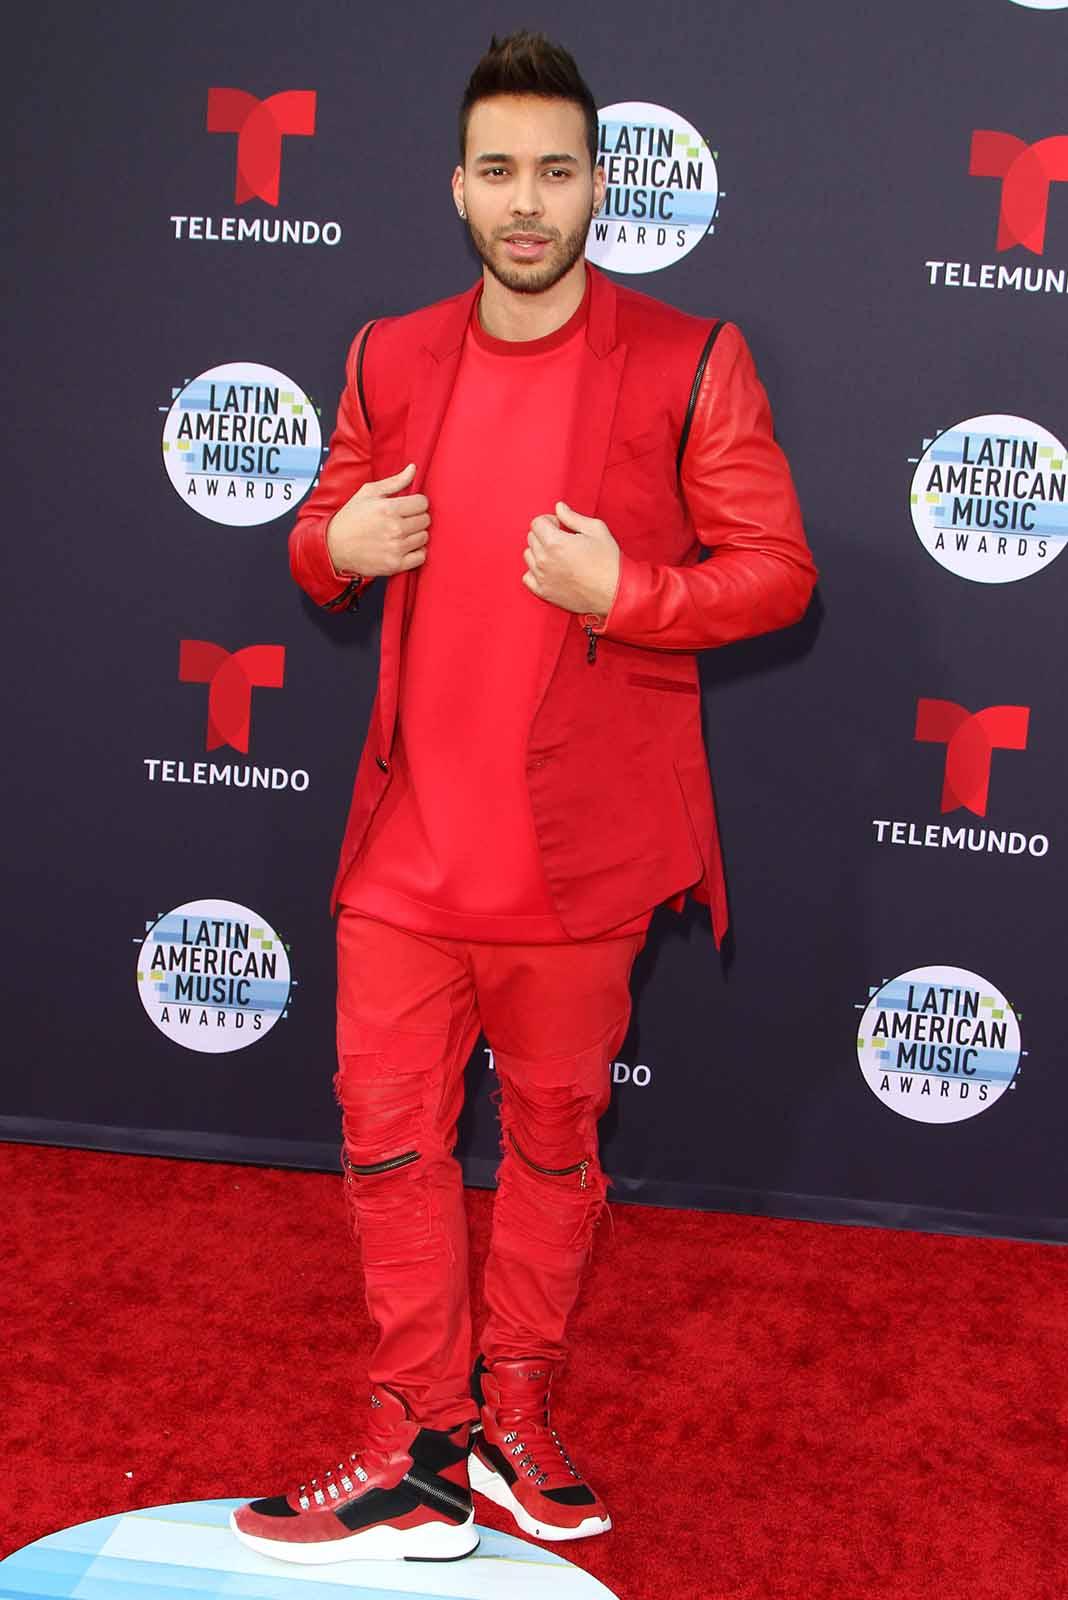 Prince Royce llegó con un estilo definitivamente influenciado por El Chapulín Colorado y Michael Jackson en el video de Triller